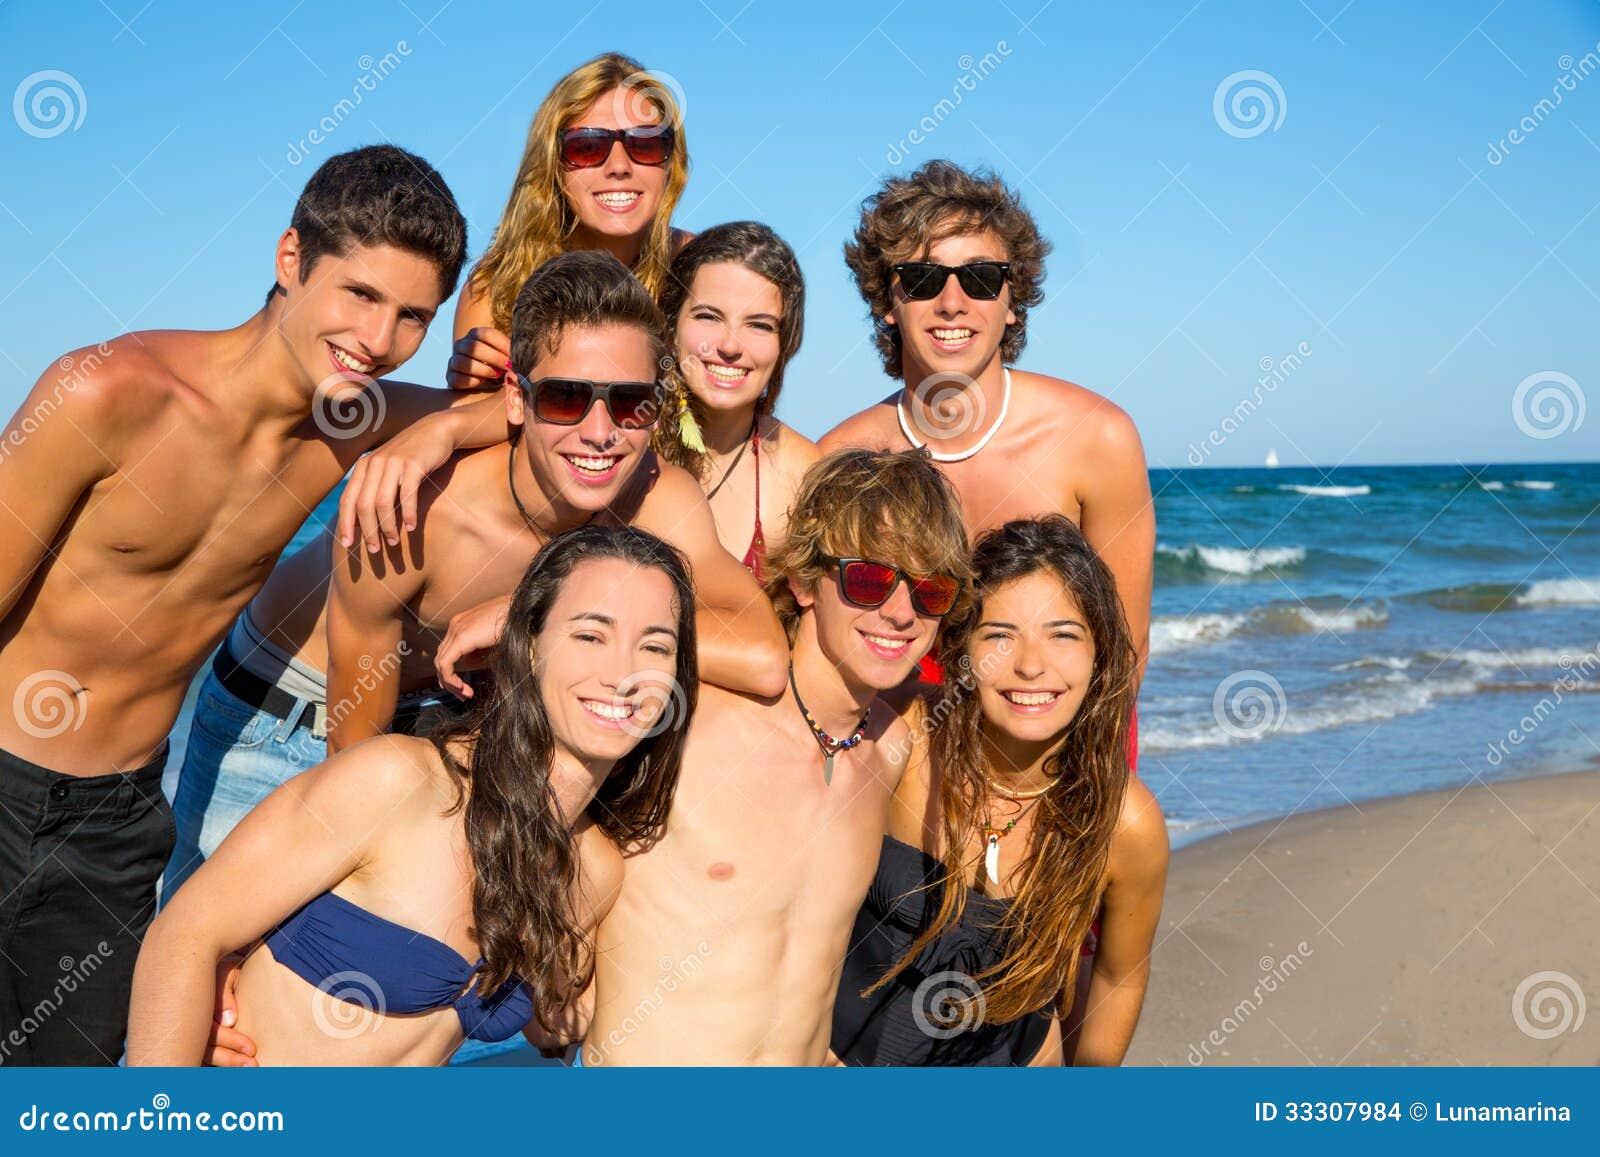 Playa sincera pre adolescente